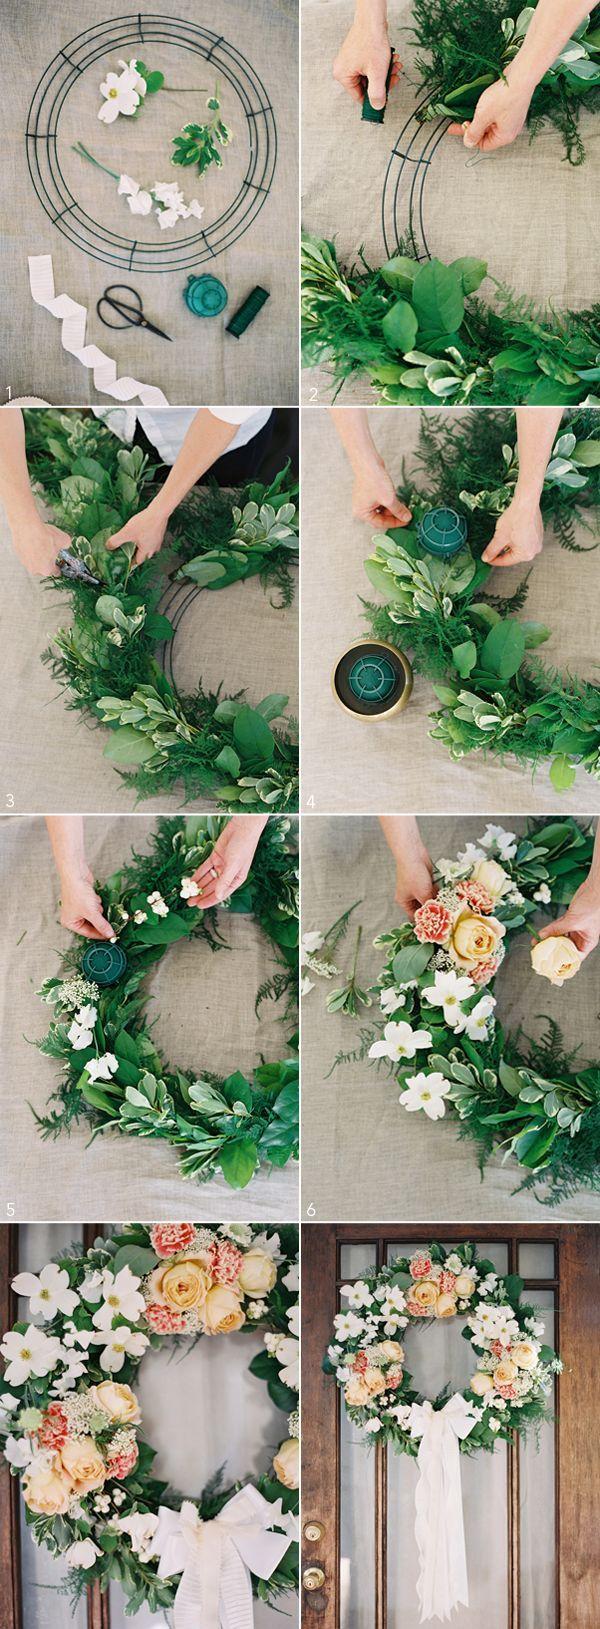 wonderful spring wedding decoration ideas DIY wedding wreath